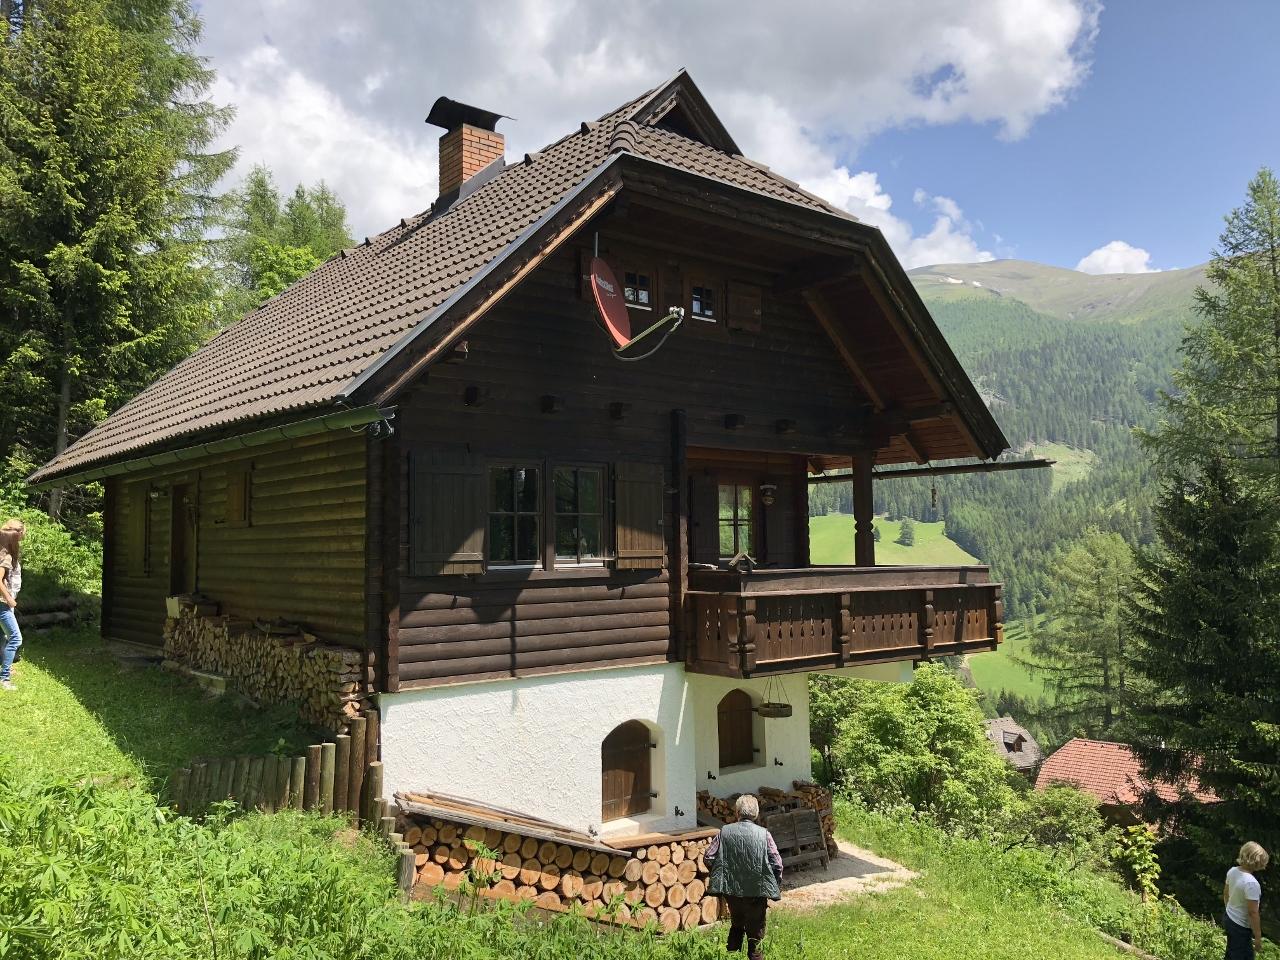 Bad Kleinkirchheim, St. Oswald, reizendes Almhaus (AML), toller Blick, nahe der Piste